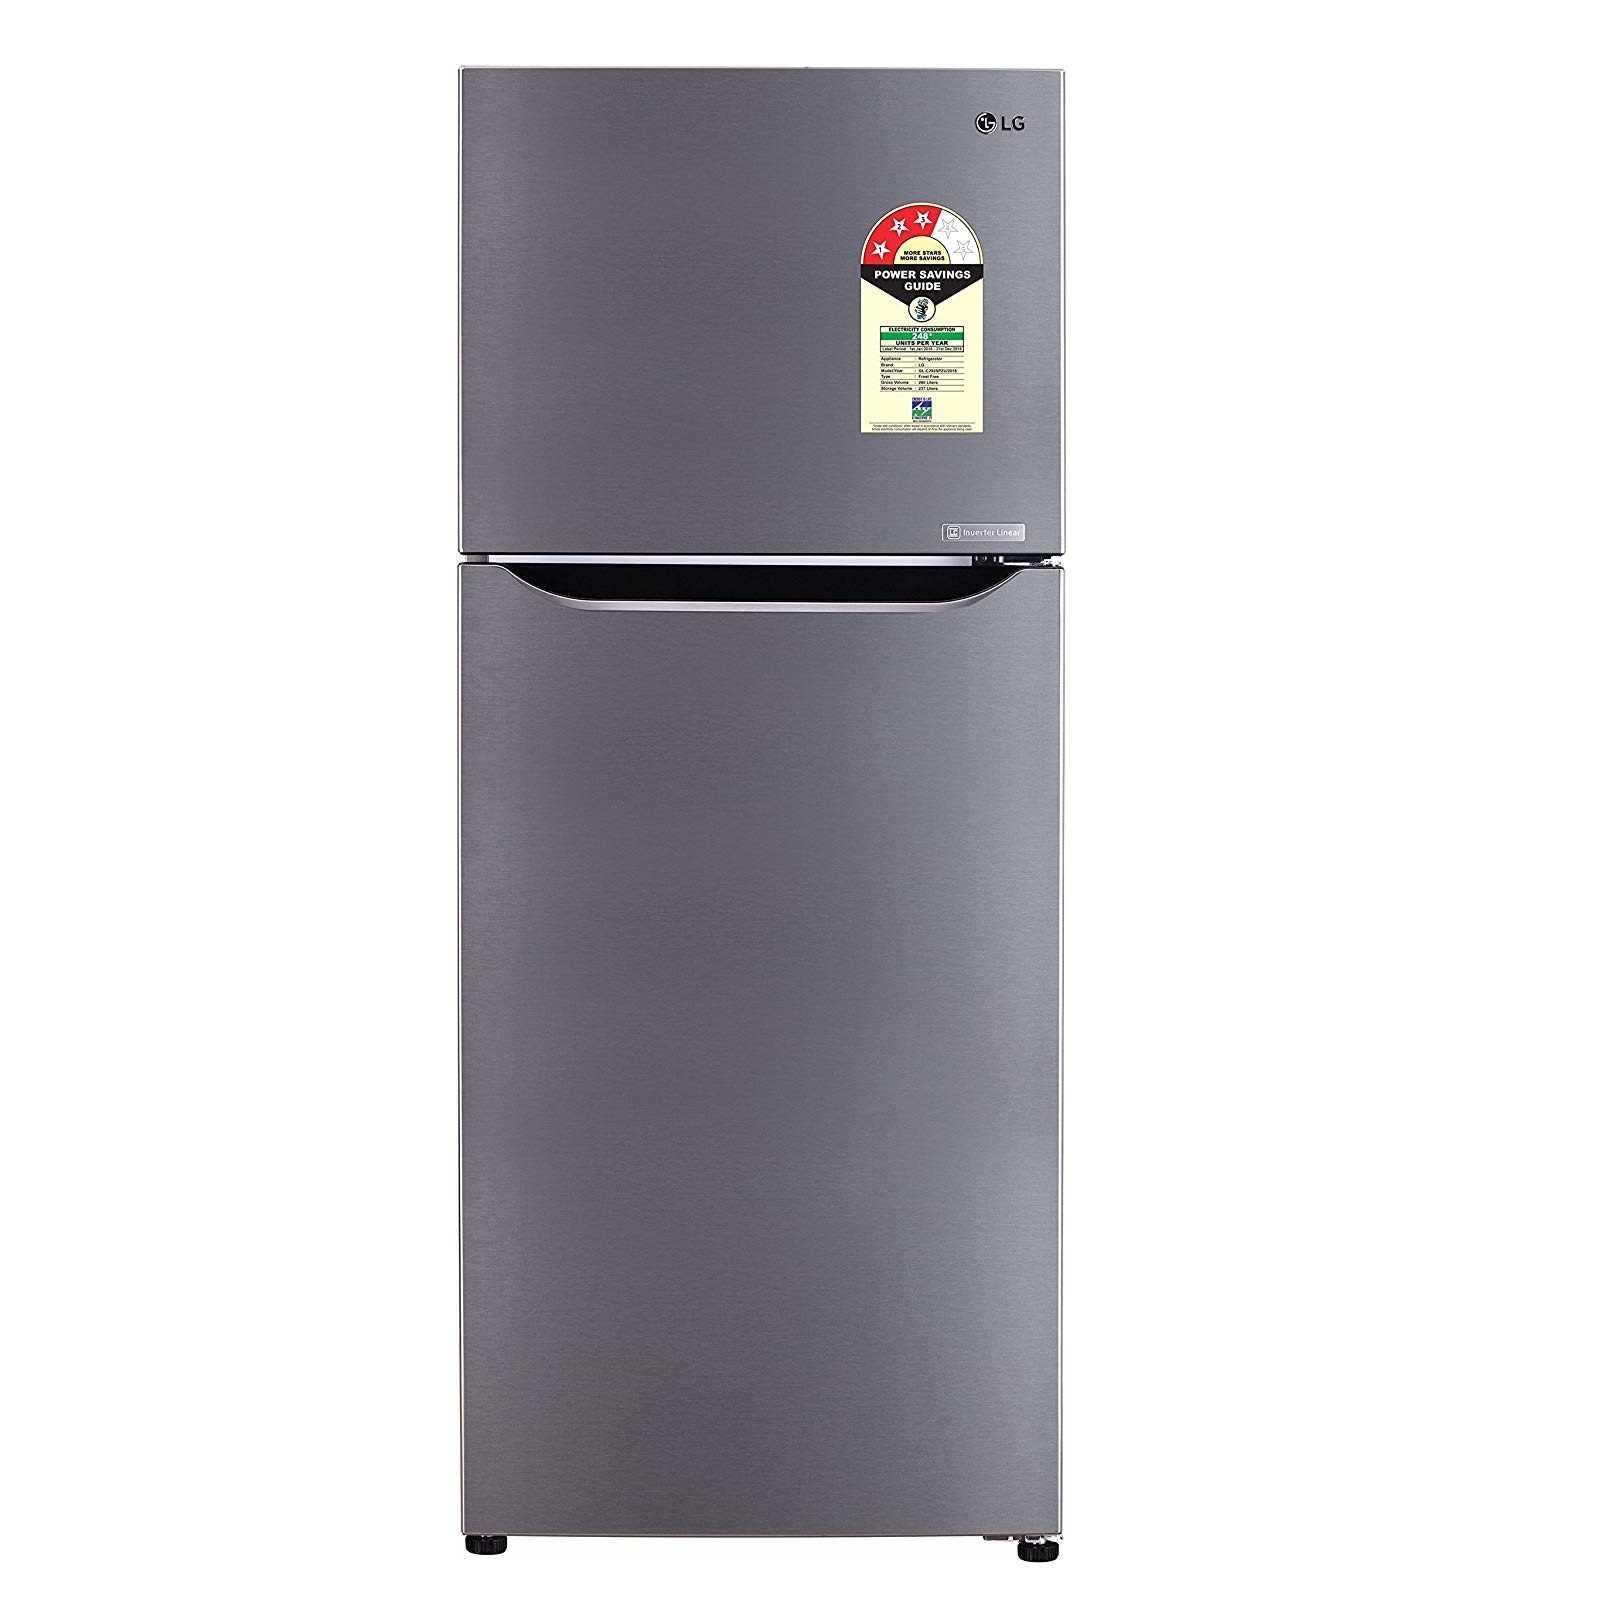 LG GL C292SPZU 260 Liter Frost Free Double Door Refrigerator